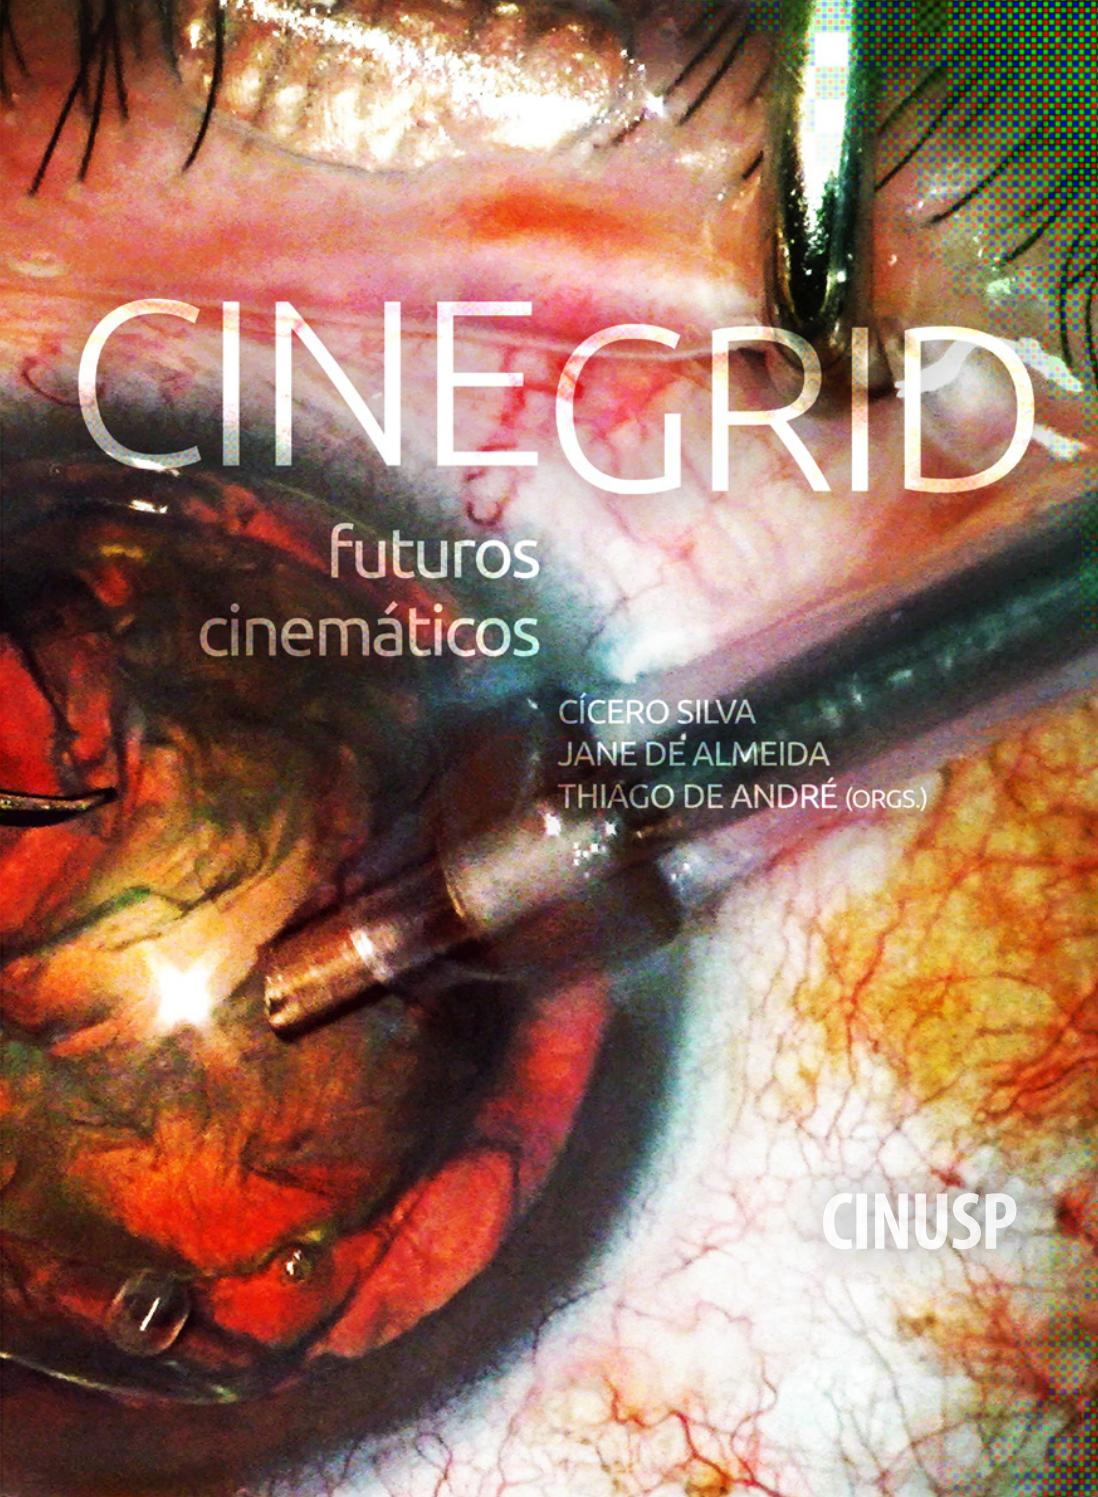 Volume 08 - CineGrid  futuros cinemáticos by CINUSP Paulo Emílio - issuu a6579586f6